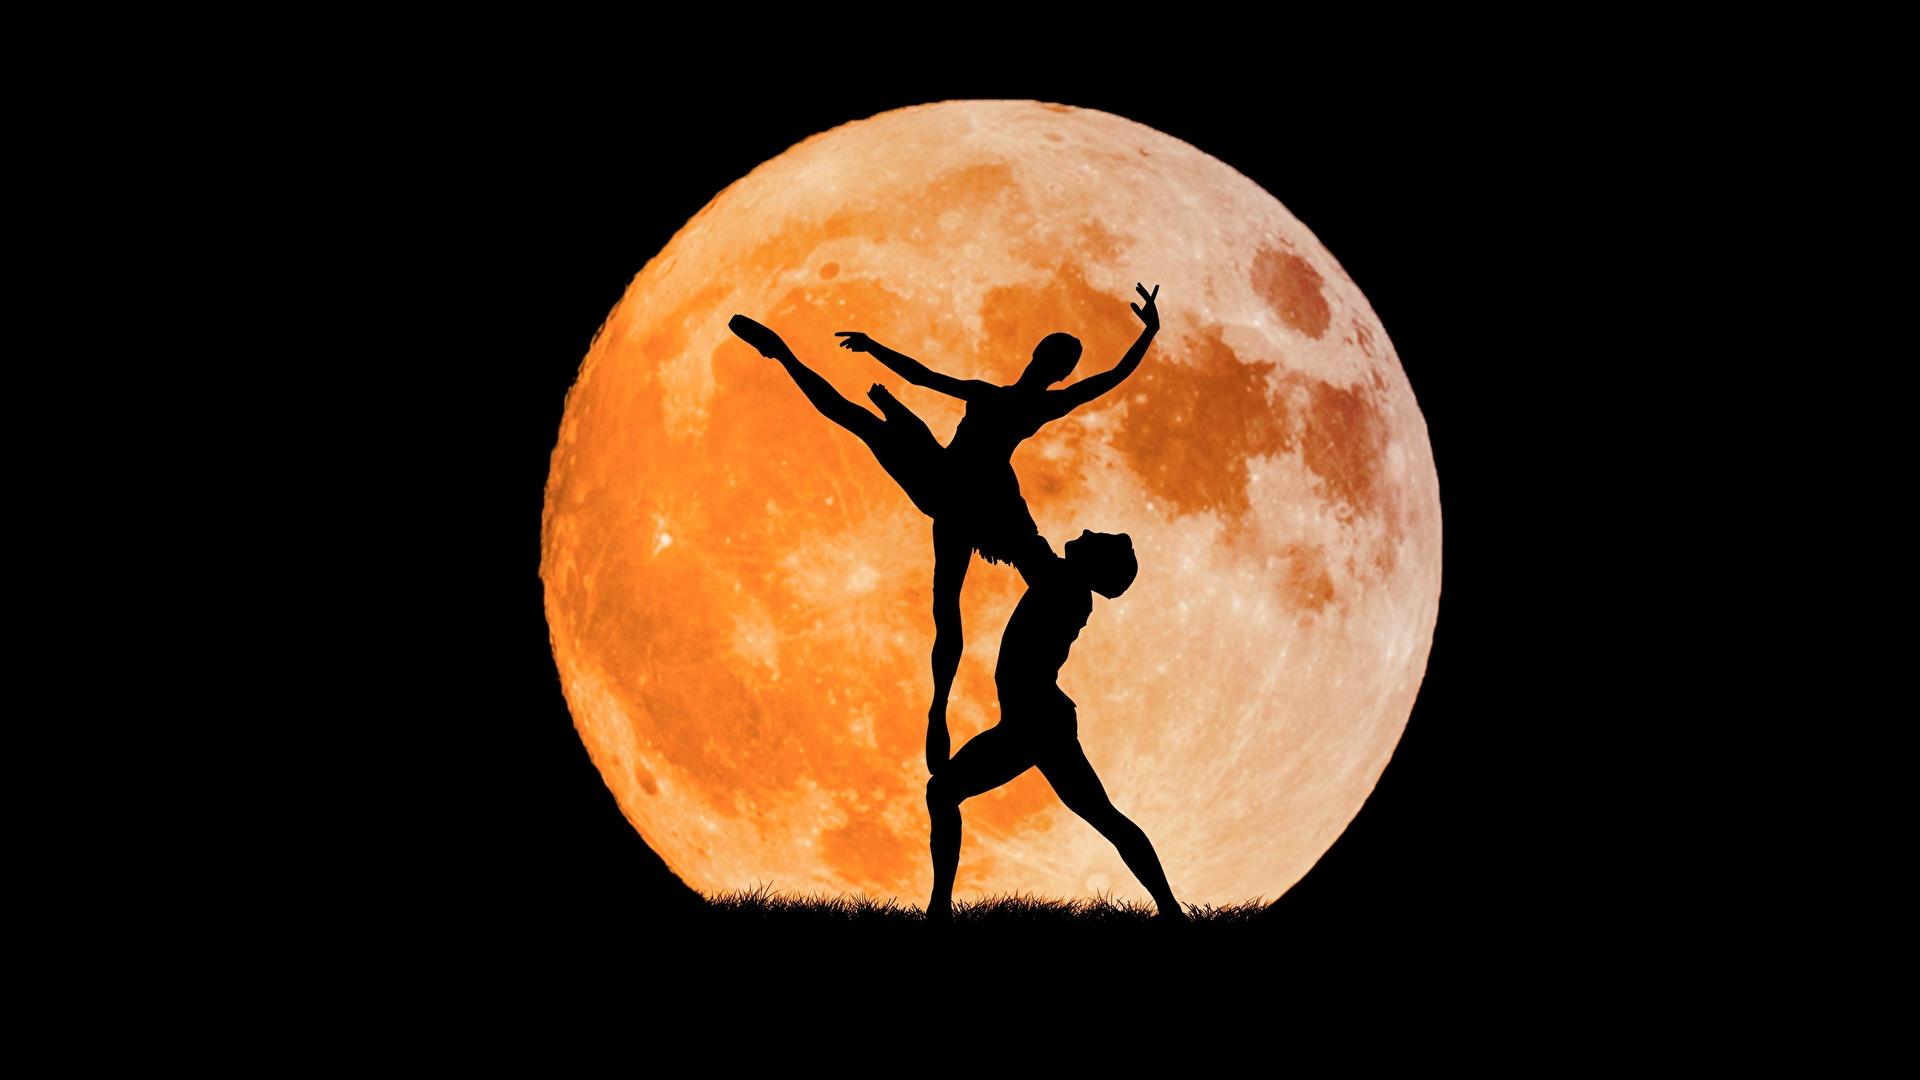 Обои Балет силуэты луны 1920x1080 балете балета Силуэт силуэта Луна луной